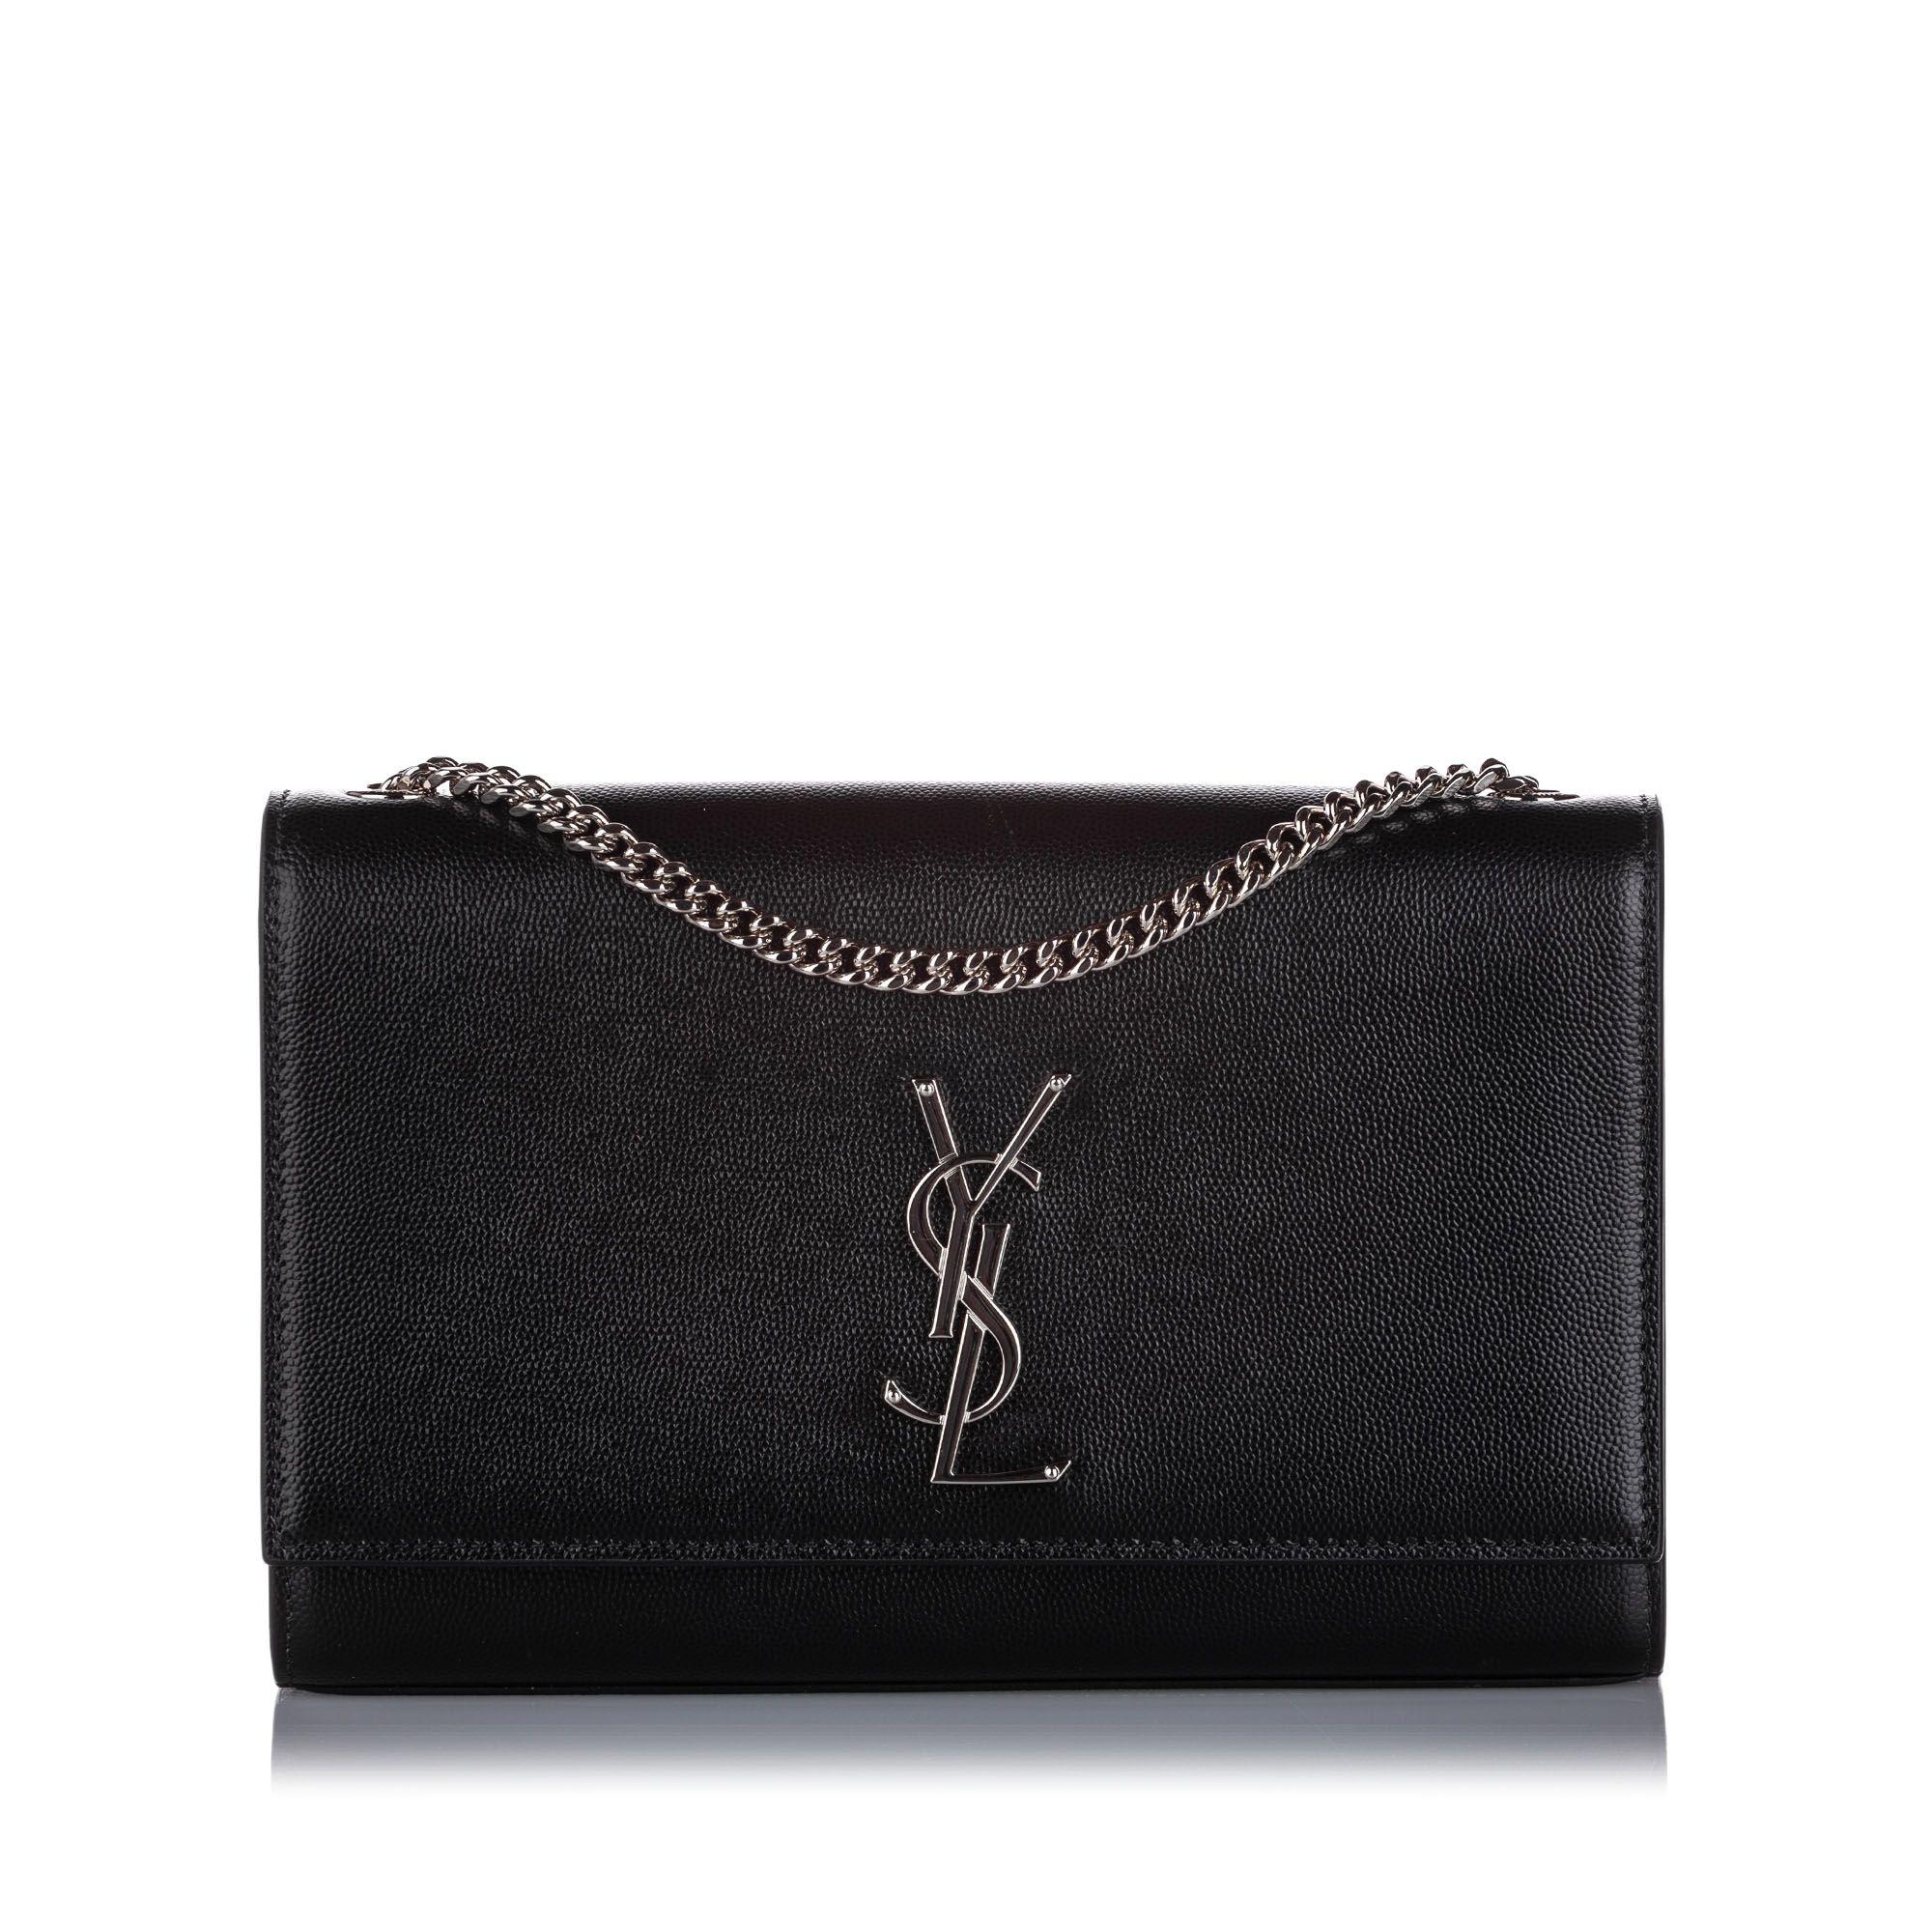 Vintage YSL Small Classic Kate Leather Shoulder Bag Black